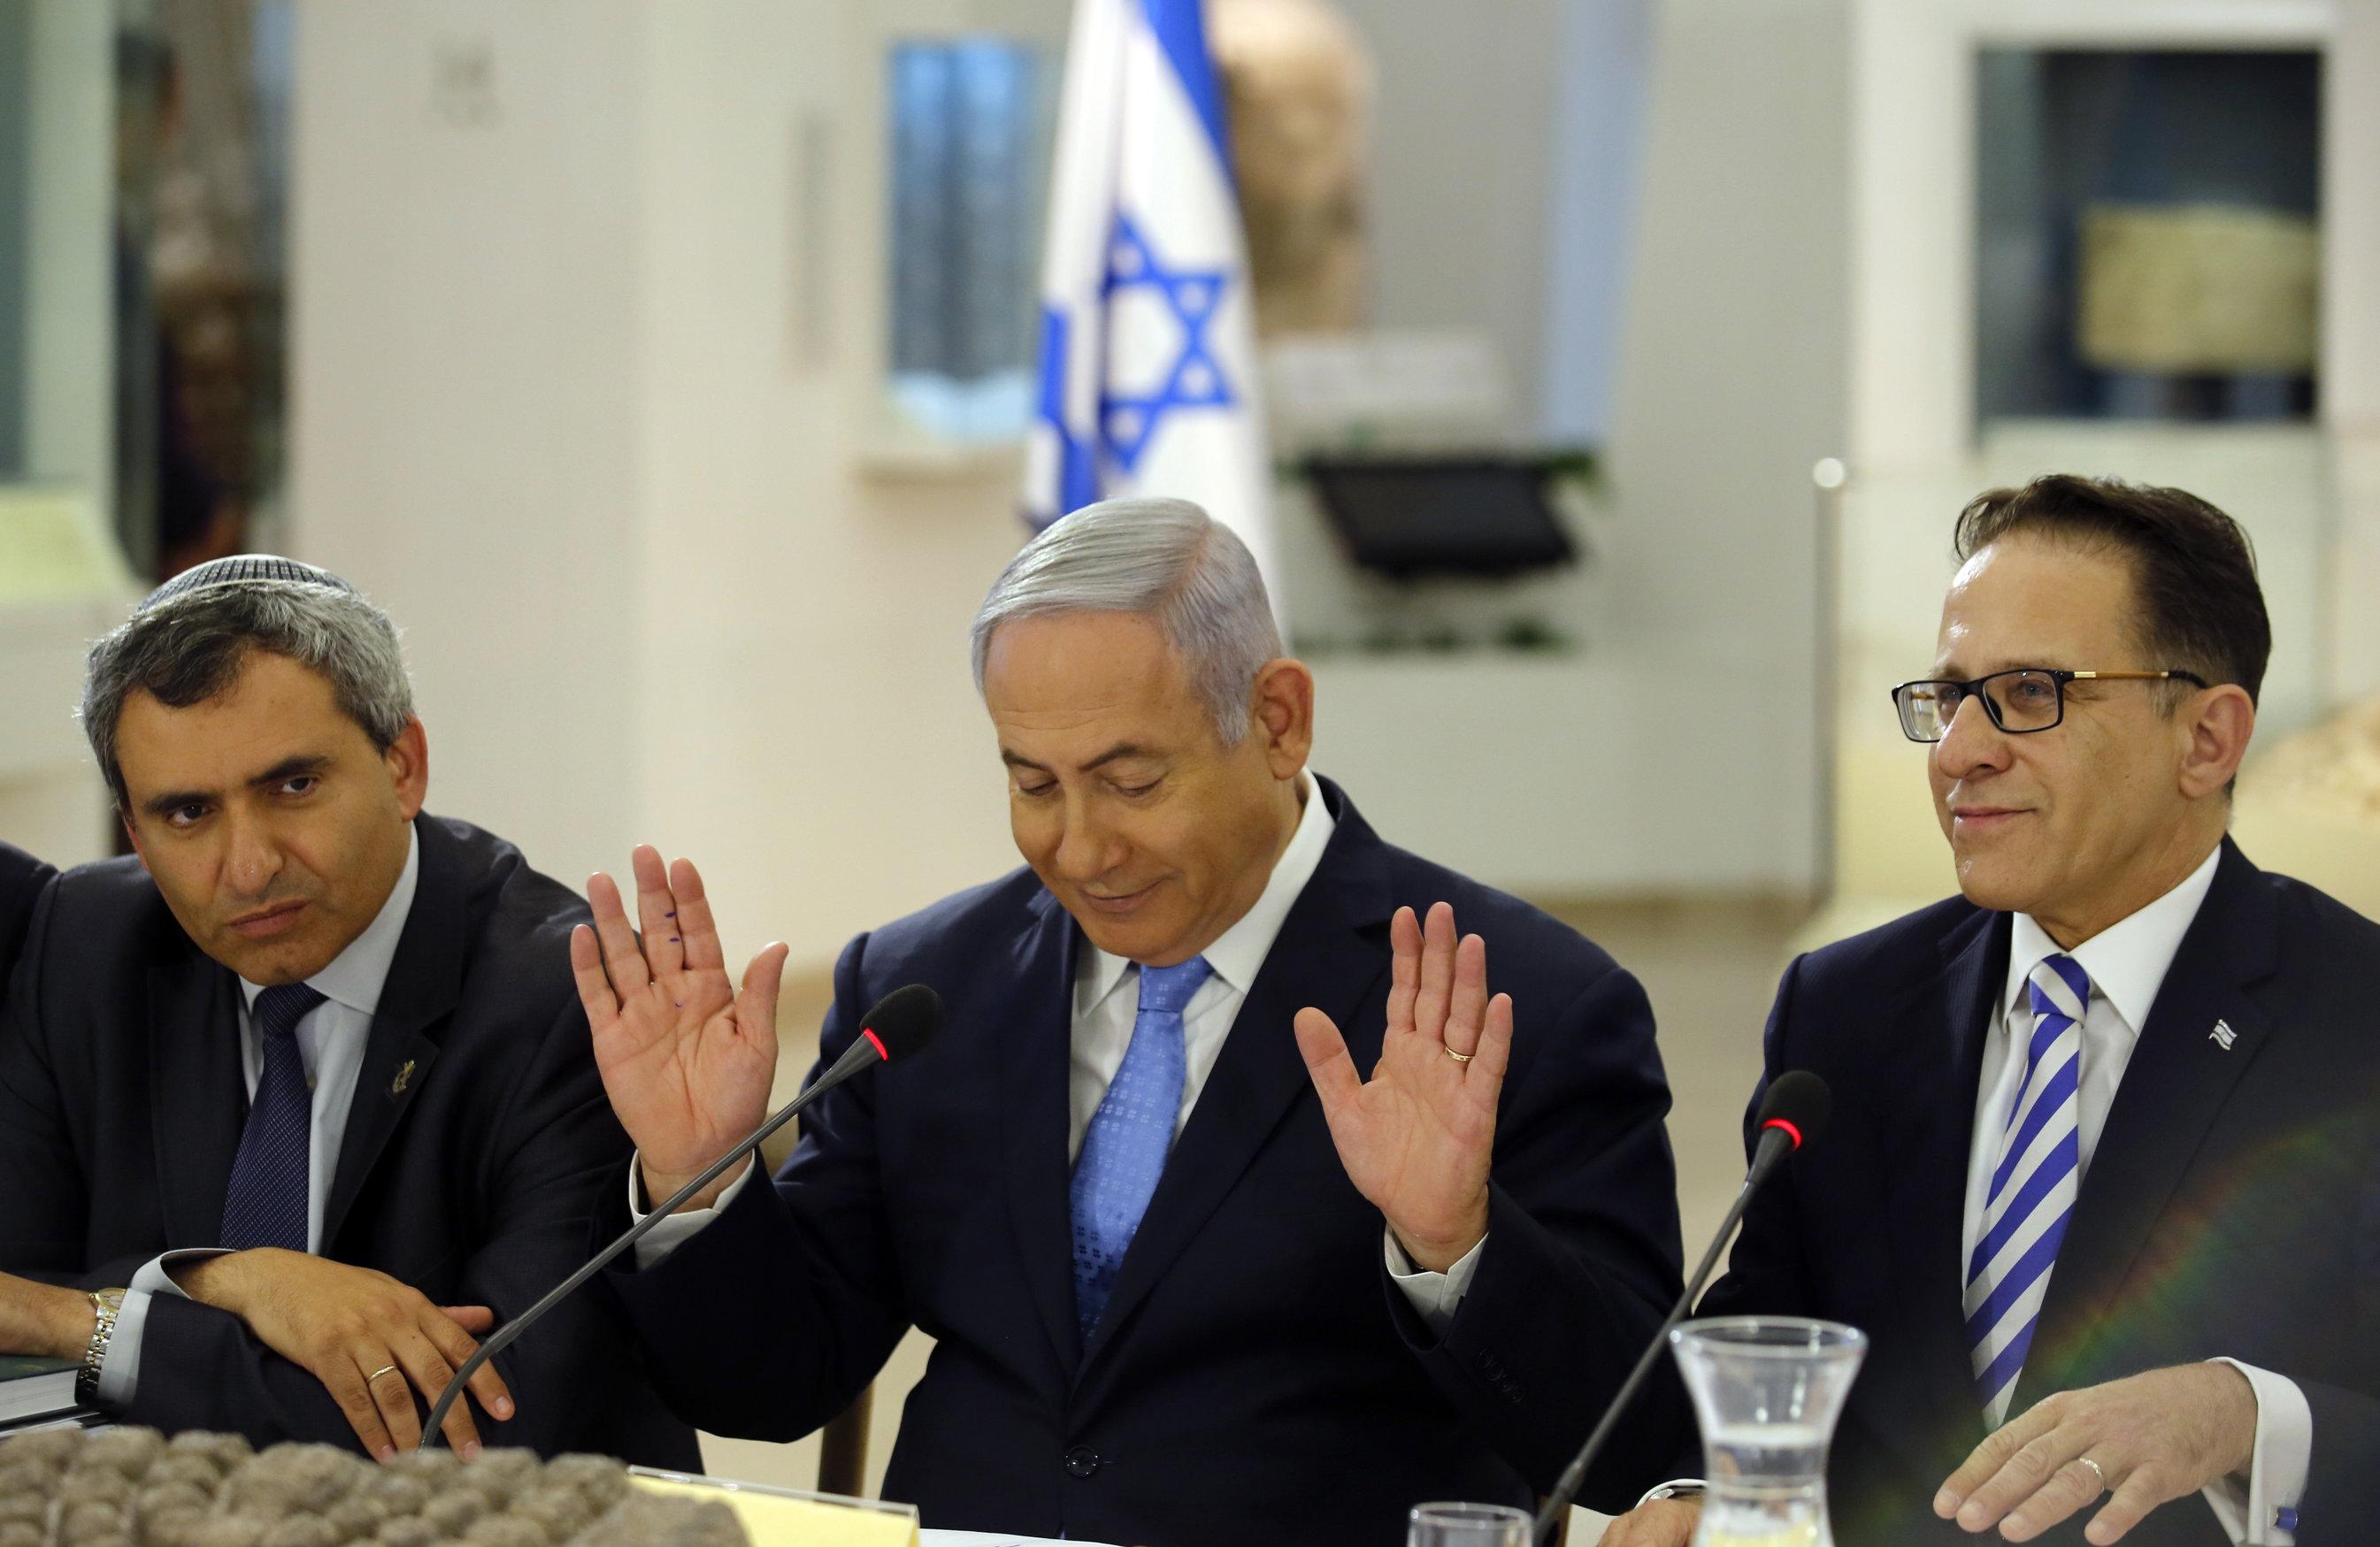 """Europska unija zabrinuta zbog izraelske definicije """"države-nacije židovskog naroda"""""""